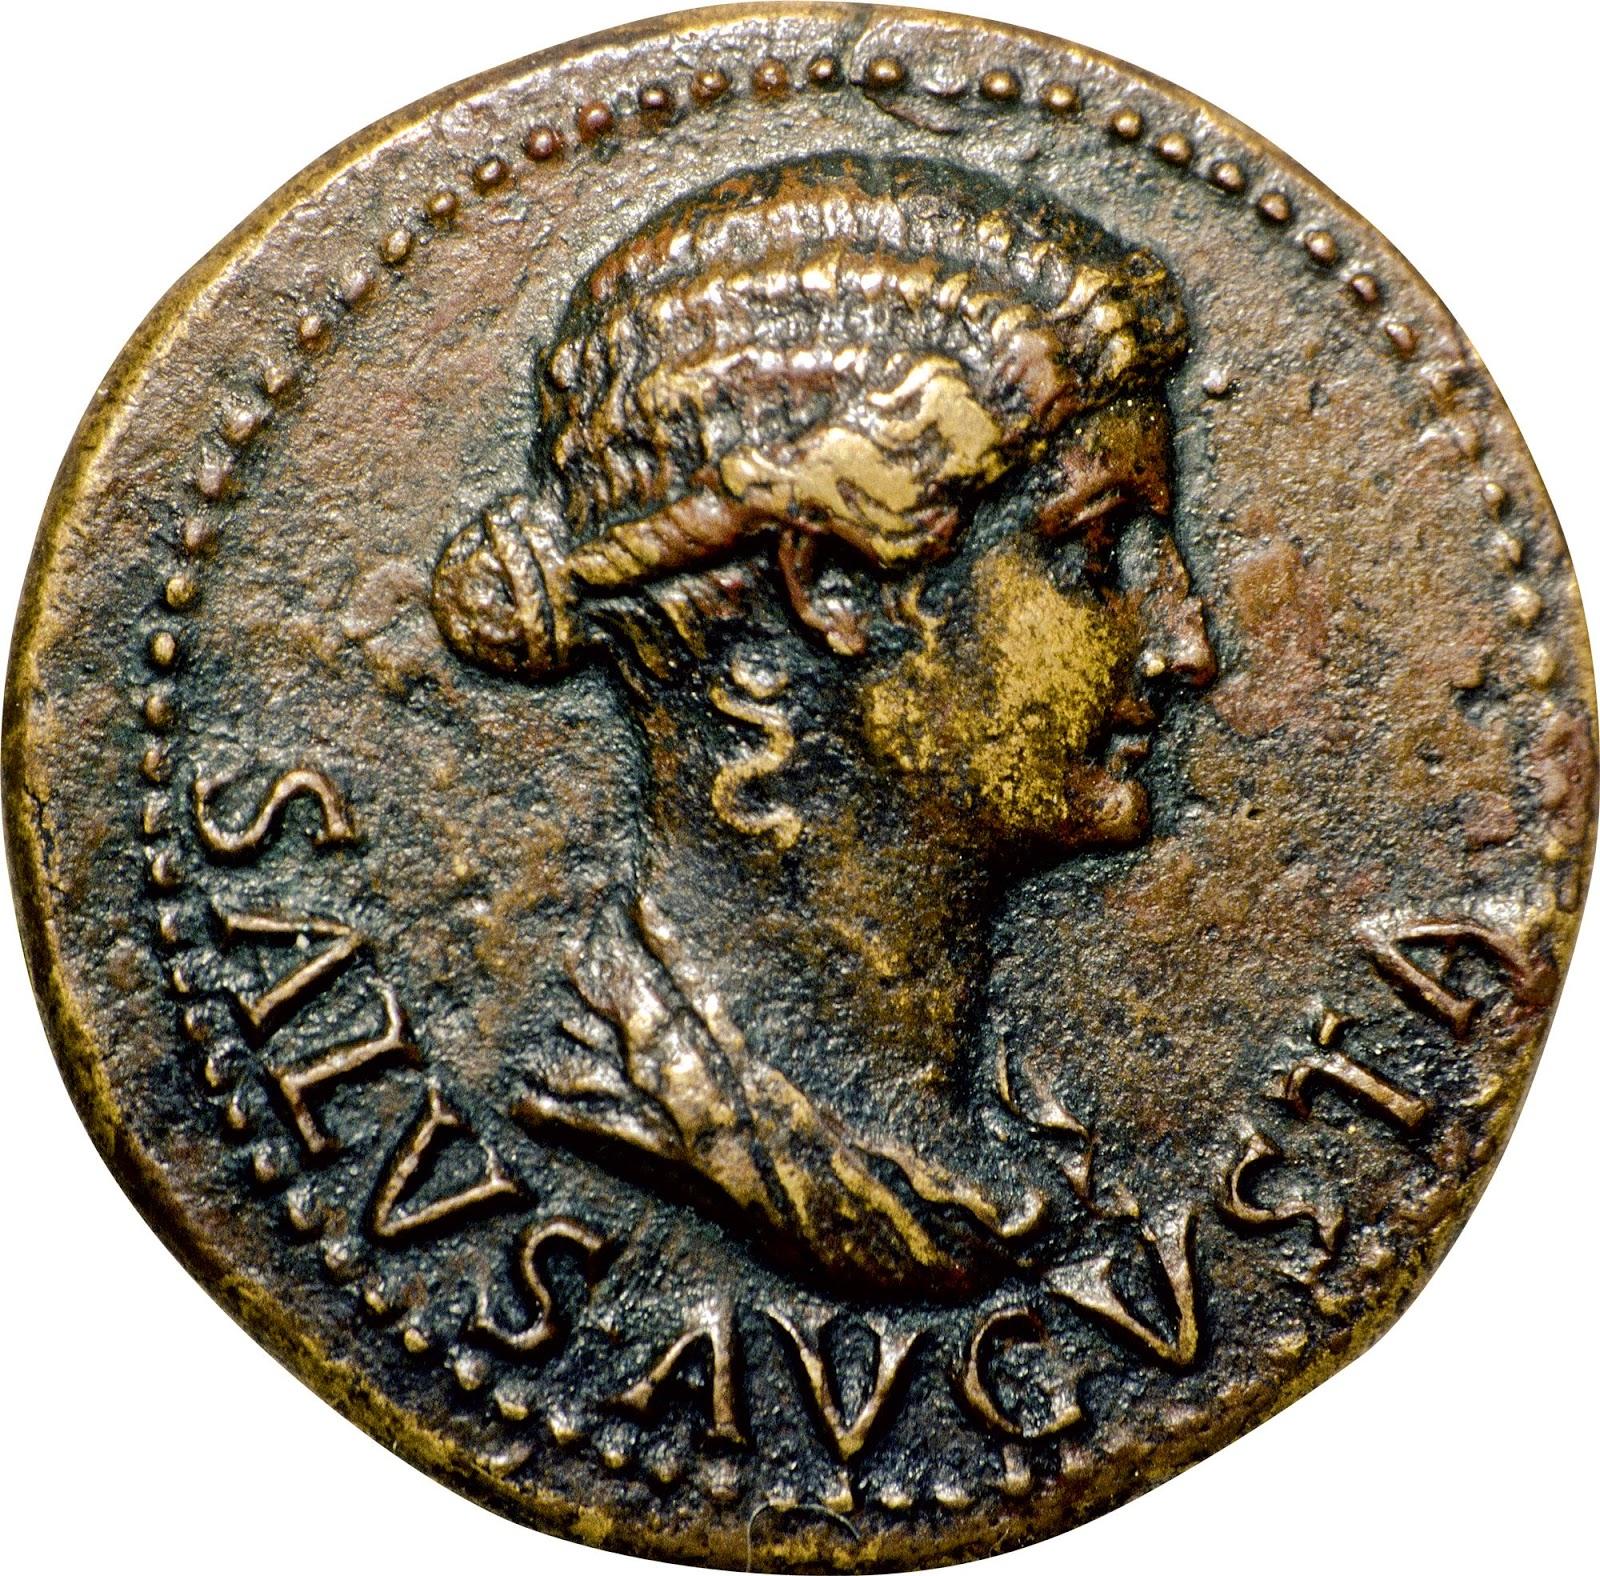 Efigie de Livia en una moneda. La importancia que Livia tuvo para Augusto queda reflejada en el hecho de que el emperador ordenara acuñar monedas con la efigie de su esposa.